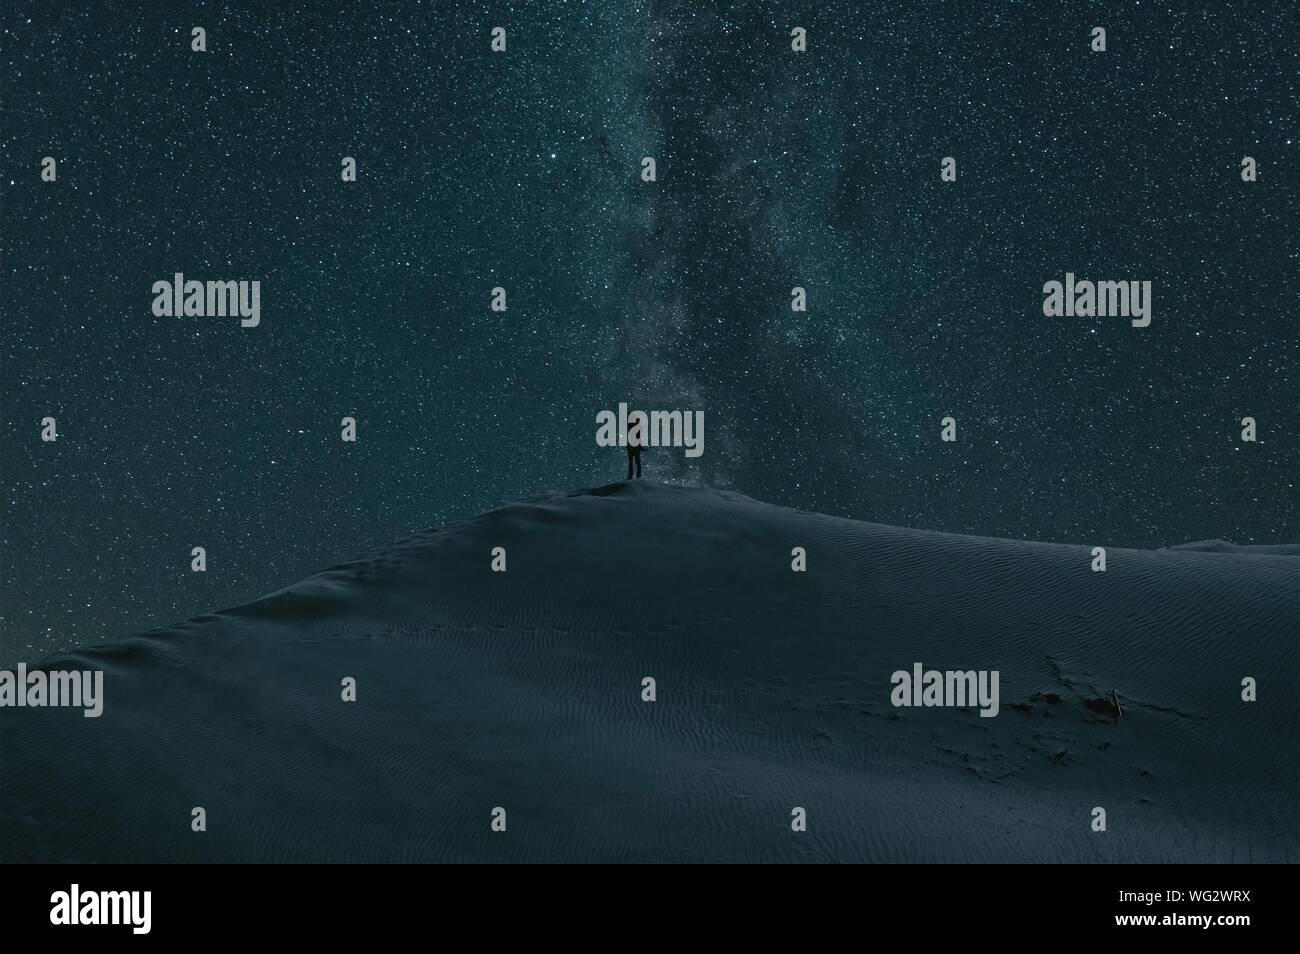 Persona de pie sobre el paisaje cubierto de nieve contra el campo de estrellas Foto de stock